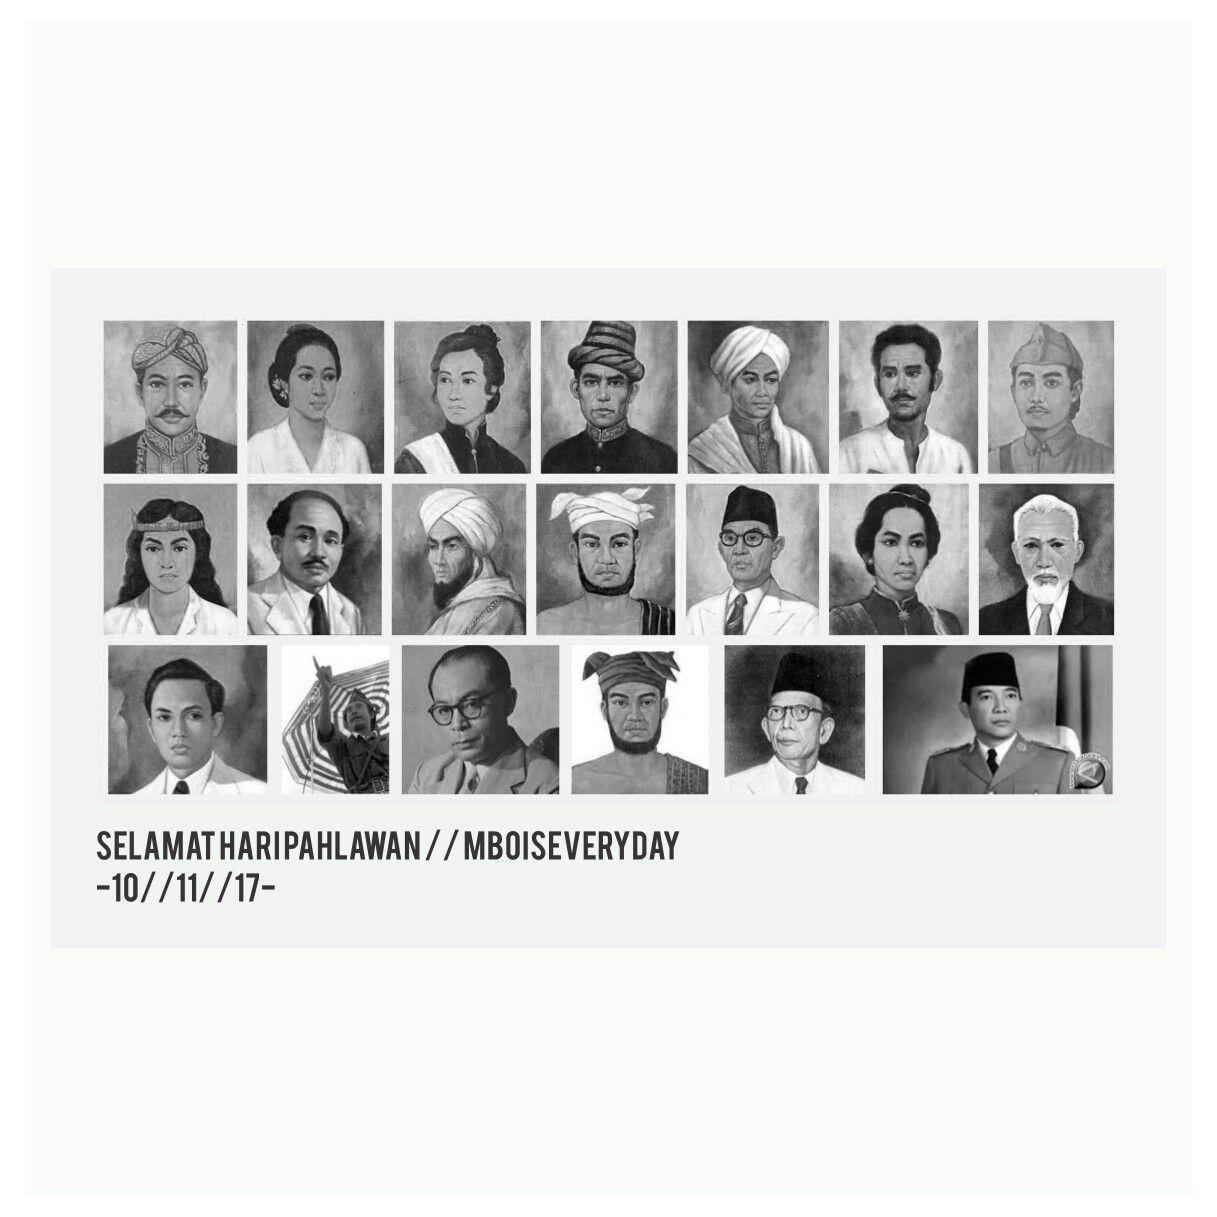 Gambar Wajah Pahlawan Indonesia